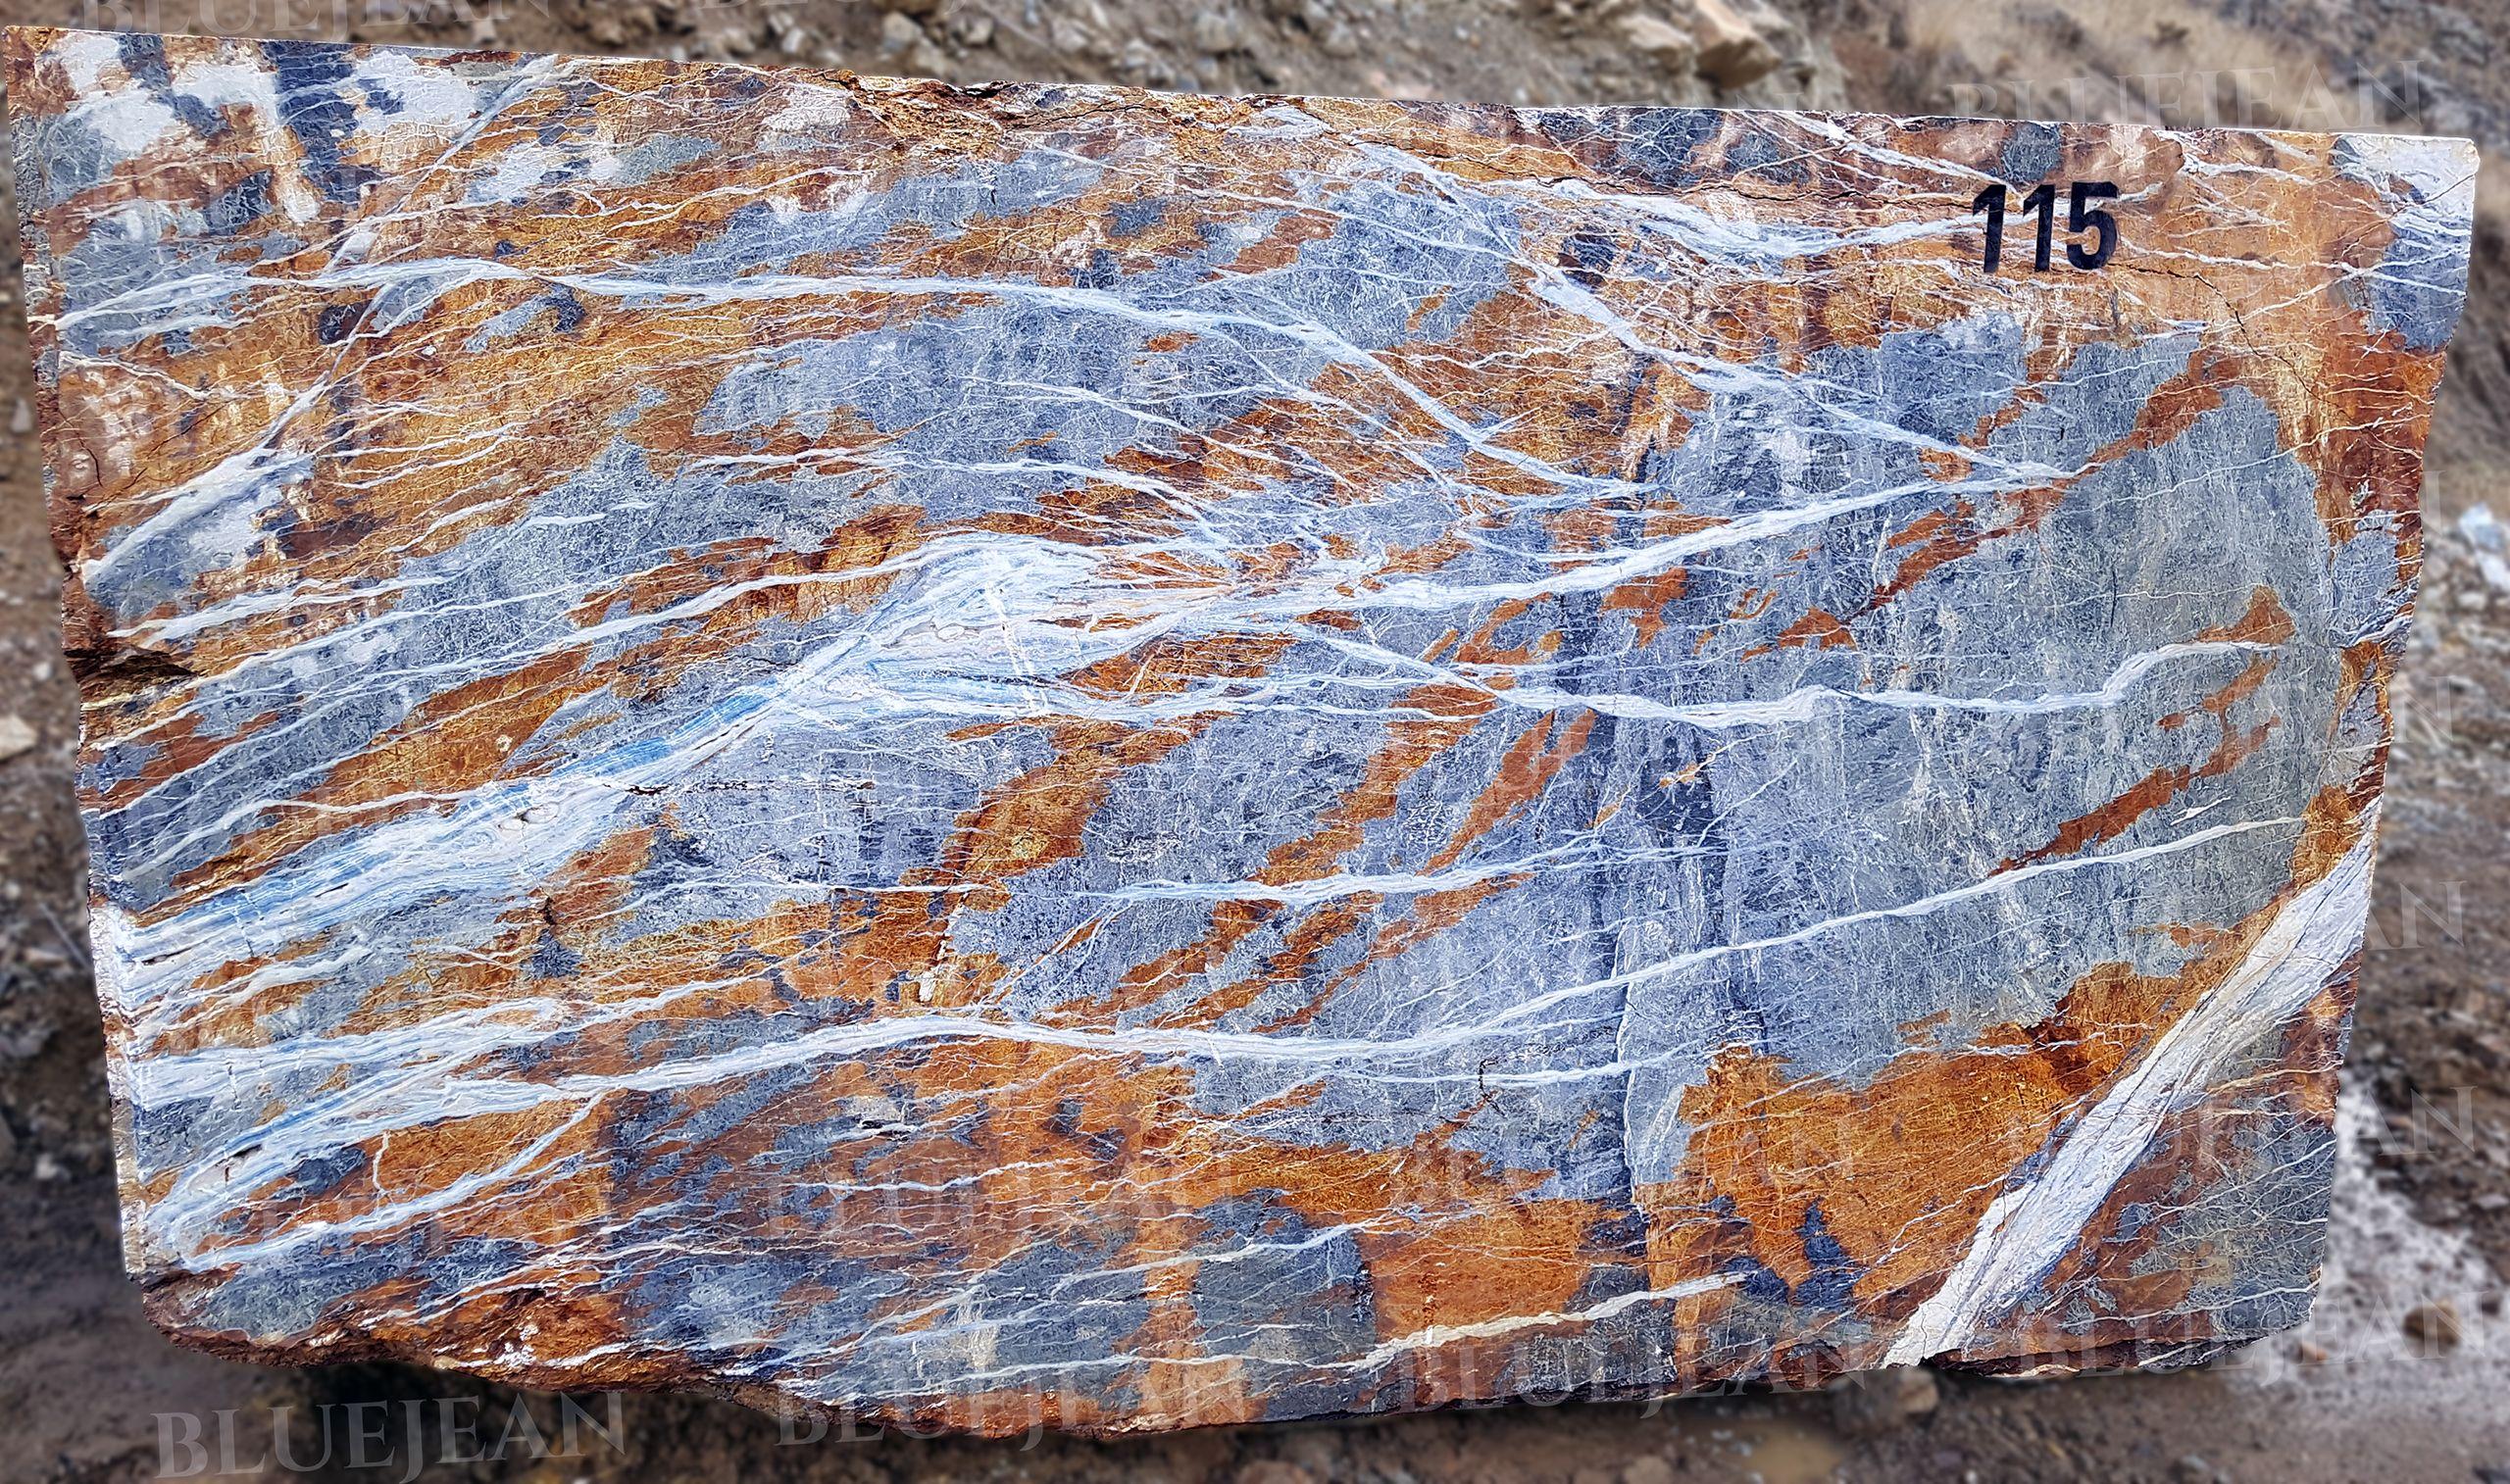 Bluejean Marble From Turkey Blue Bluejean Bluejeans Marble Stone Design Slabs Bluejeansmarble Bluejeanmarble Bluemarm Stone Quarry Blue Marble Stone